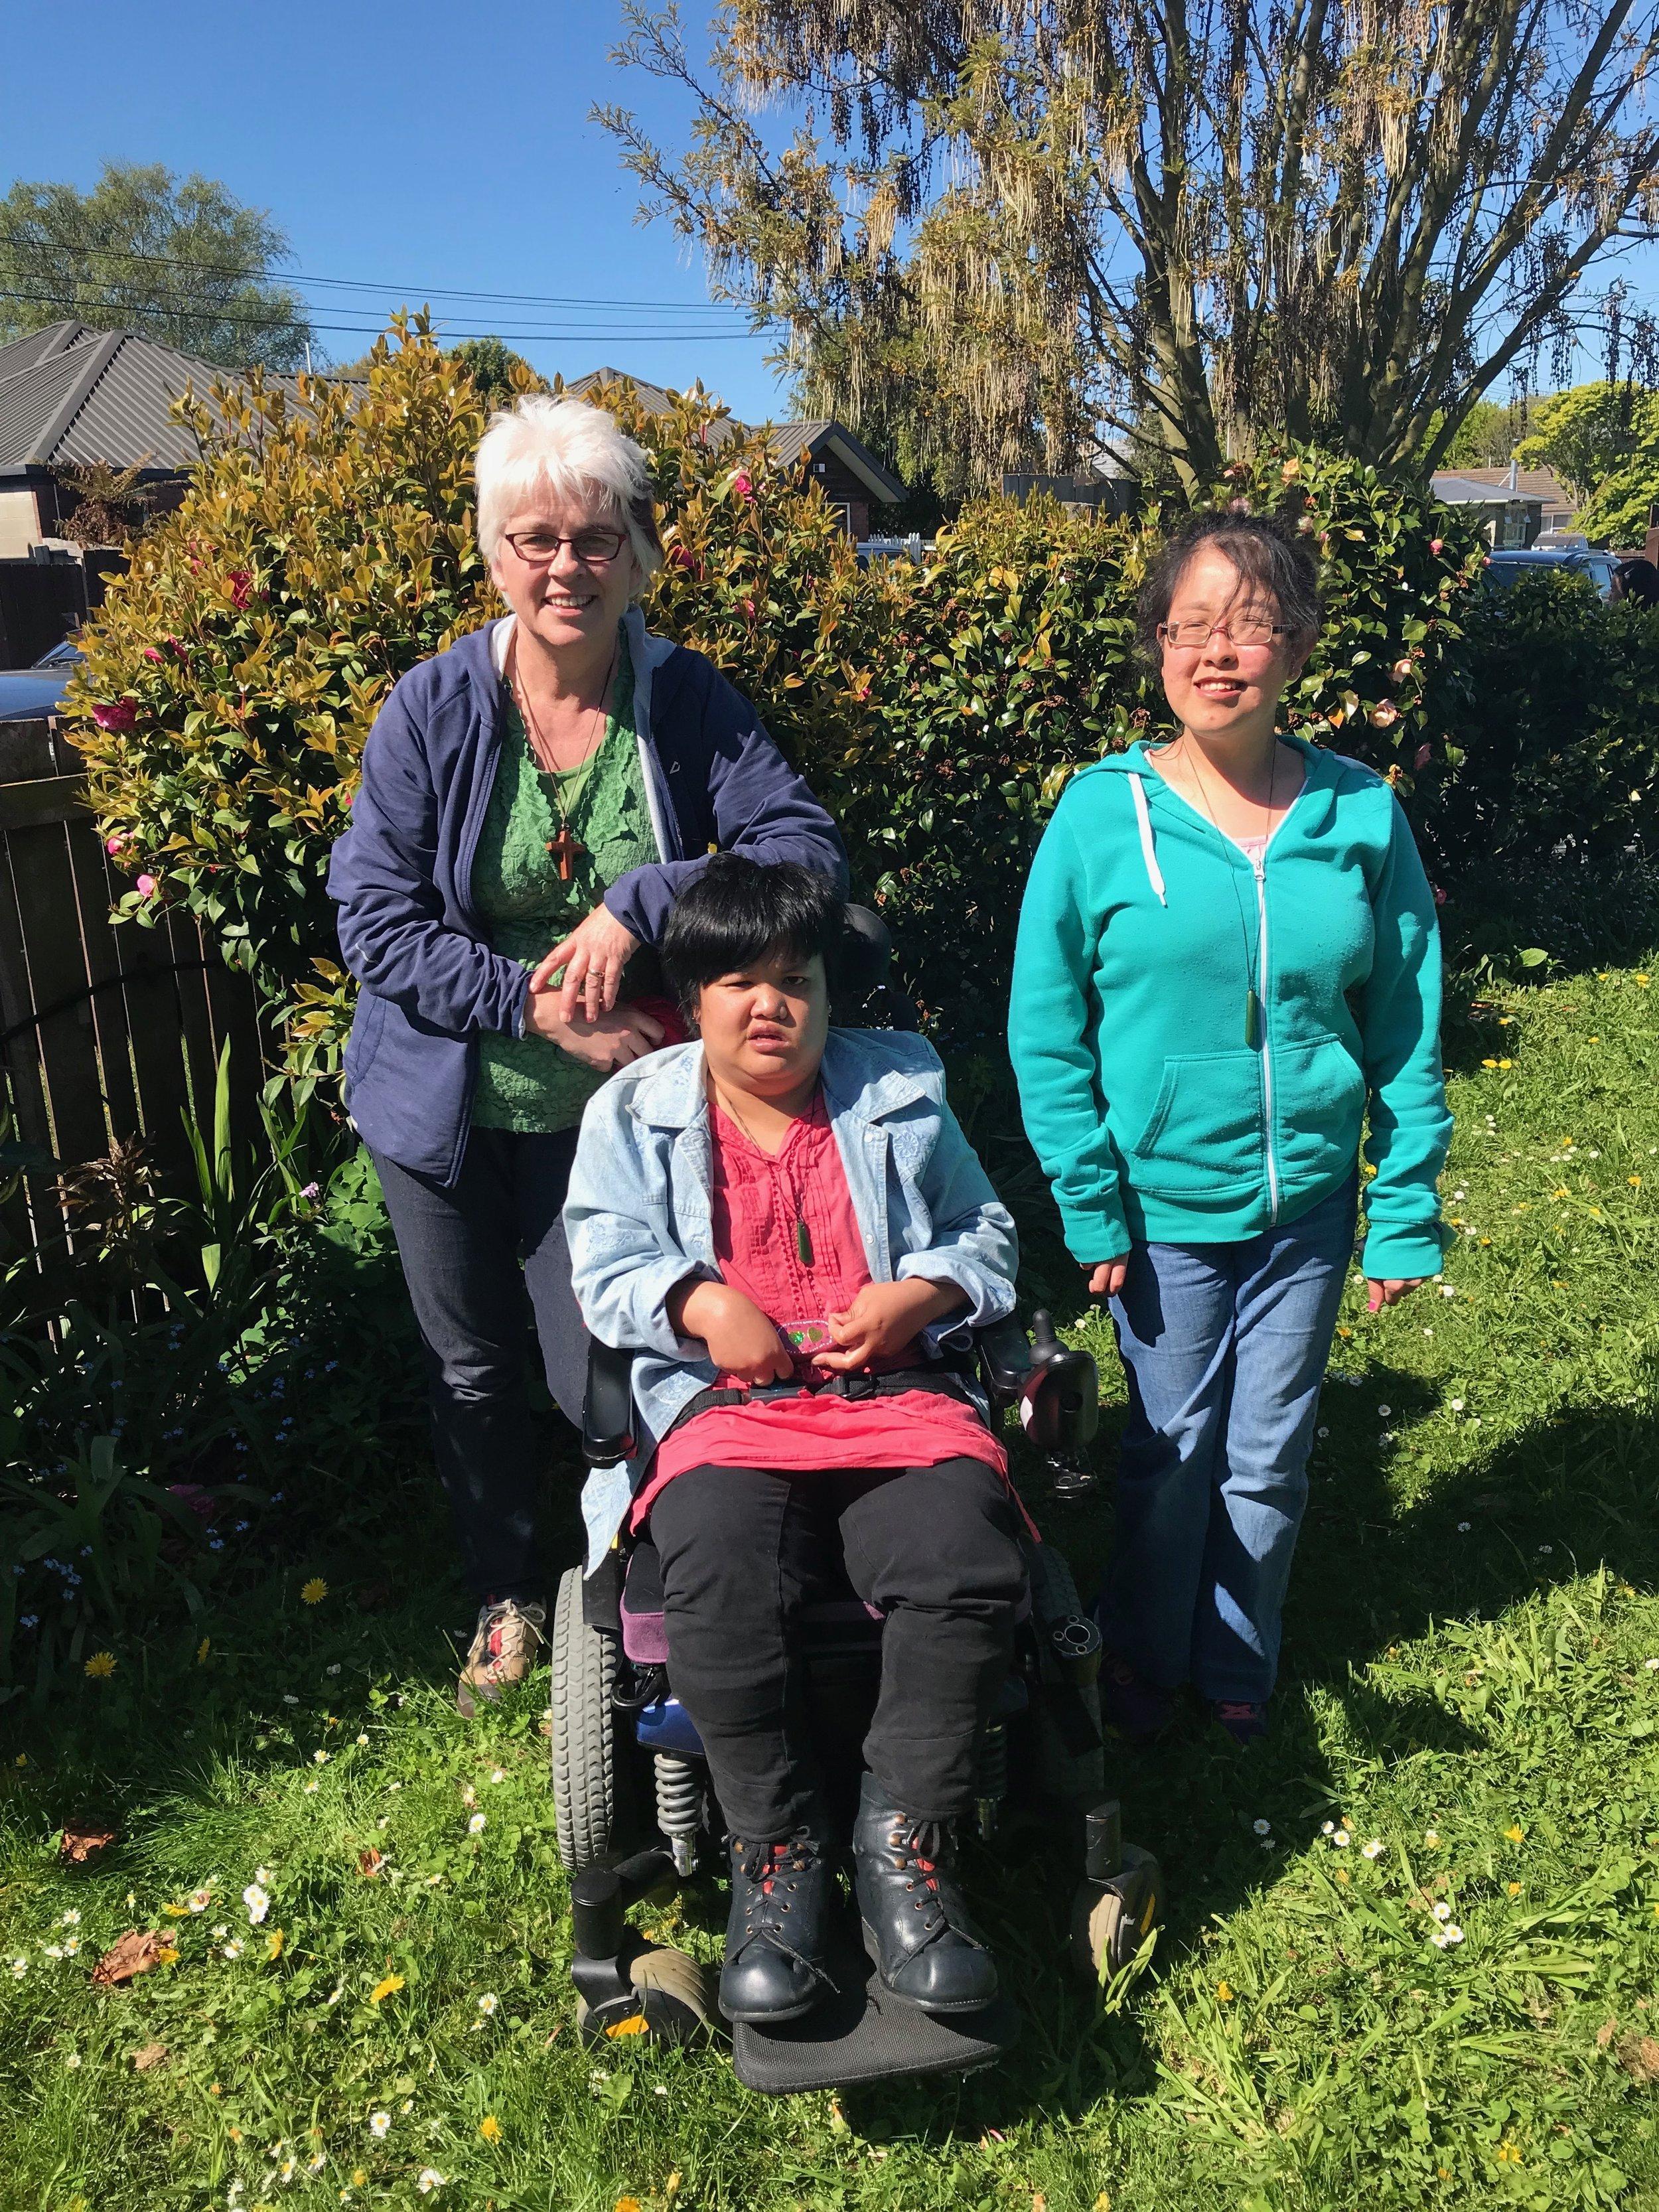 Sonja, Batin and May at home in Christchurch